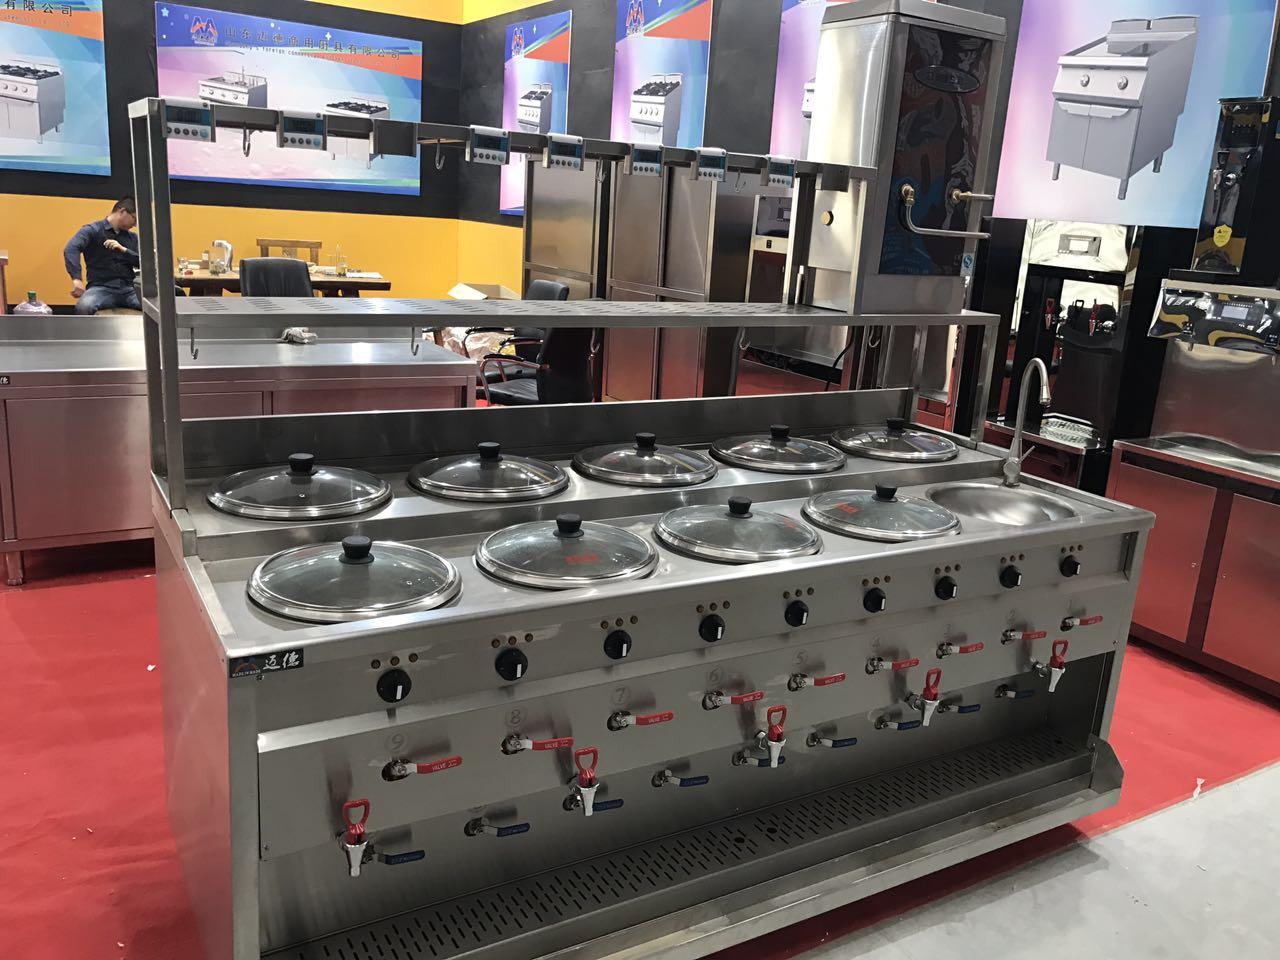 水饺炉、煮面炉、馄饨炉、山东迈德商用厨具有限公司制造